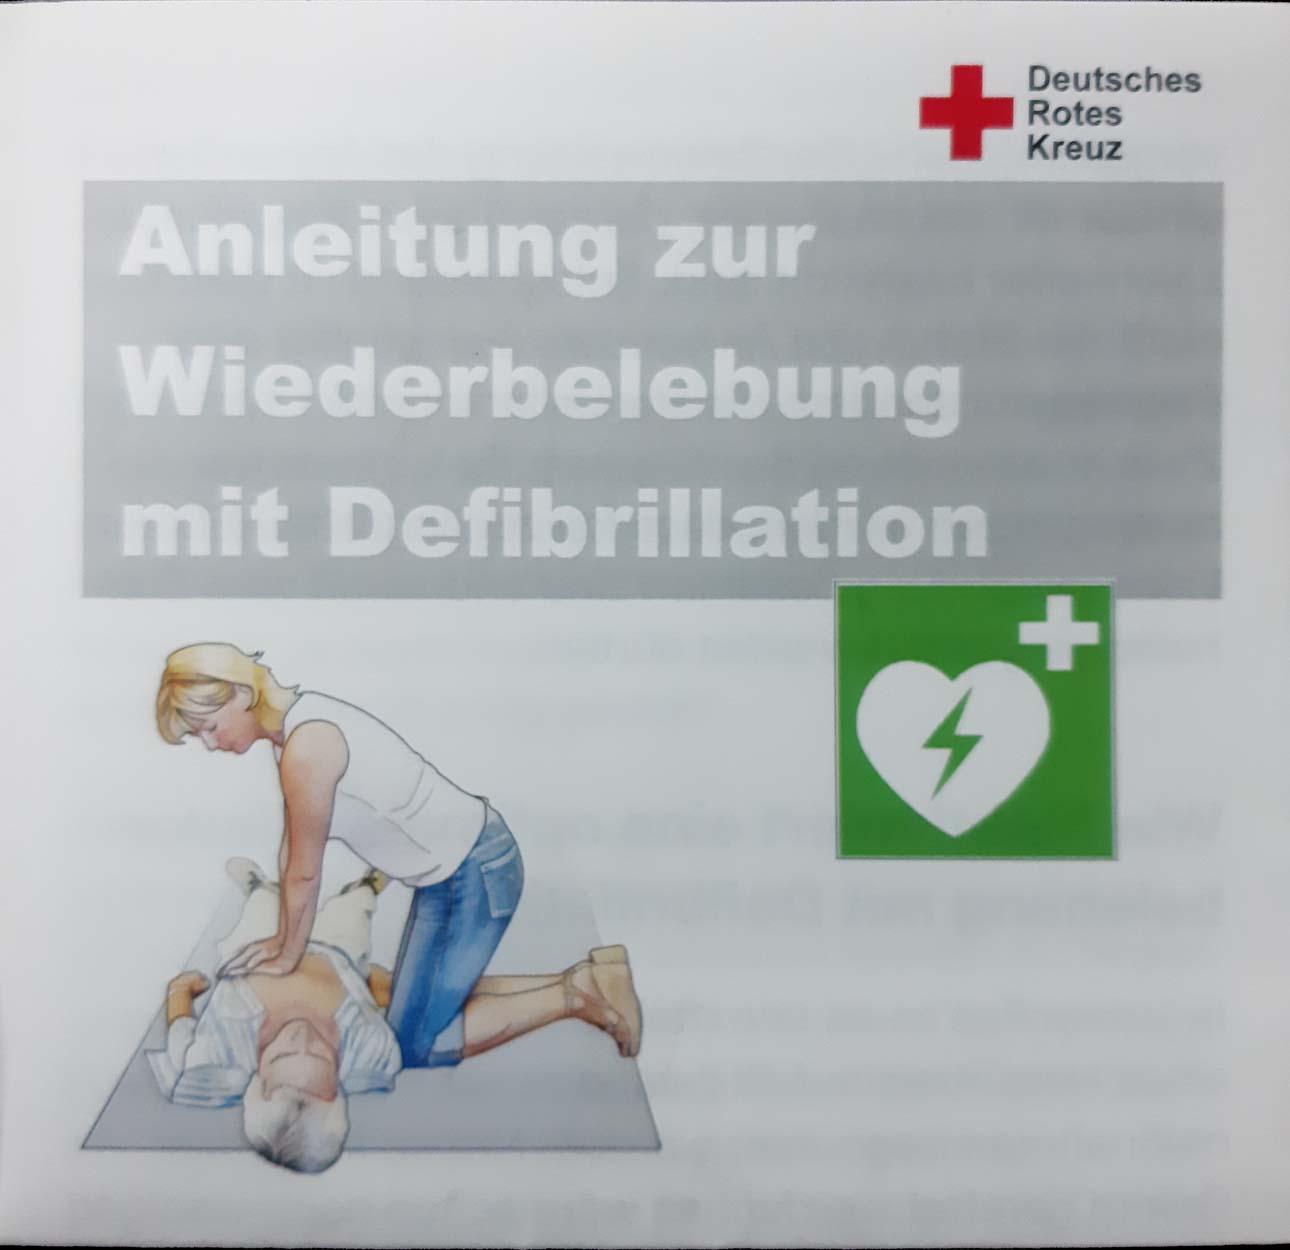 Infoblatt Anleitung zur Wiederbelebung mit Defibrillatoren